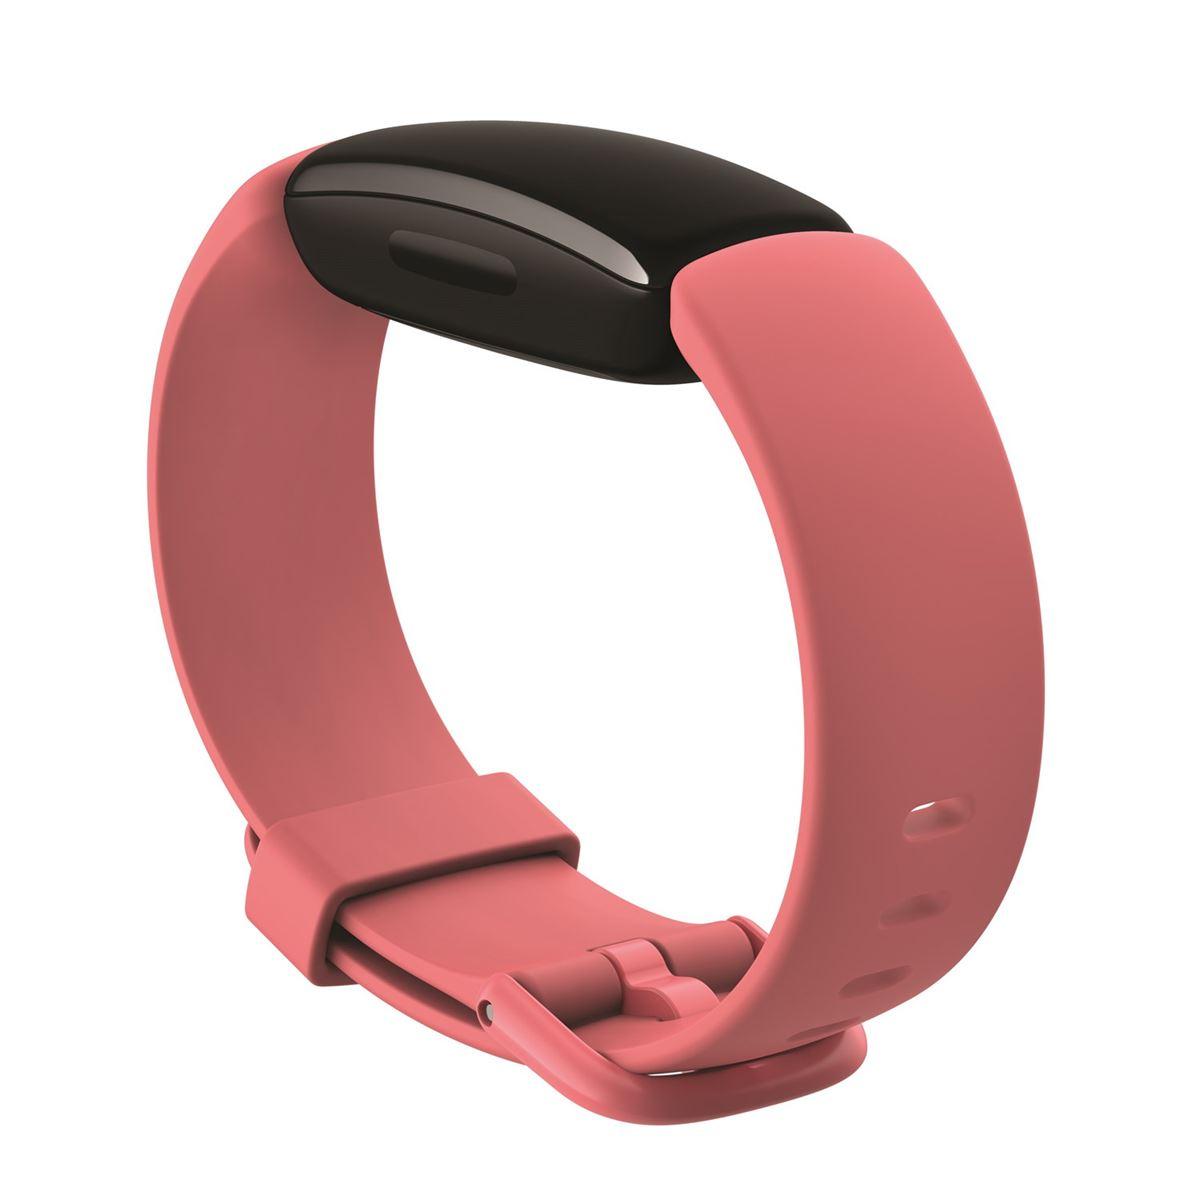 fitbit フィットビット Inspire 2 インスパイア 2 フィットネス スマートウォッチ ウェアラブル端末 腕時計 デザートローズ FB418BKCR-FRCJK